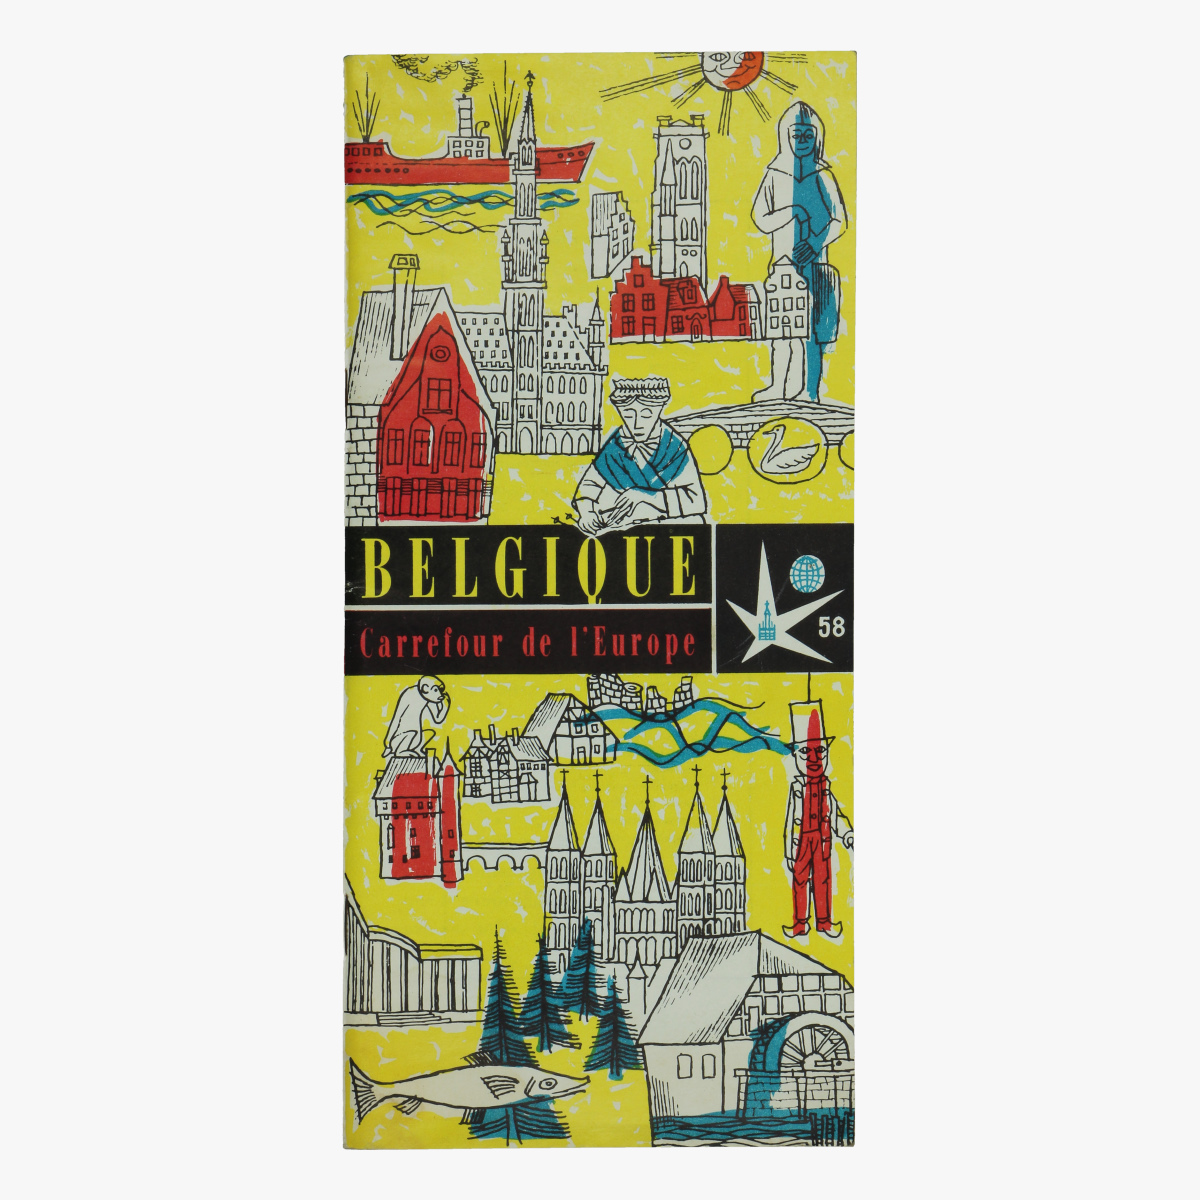 Afbeeldingen van expo 58 belgique carrefour de l' europe